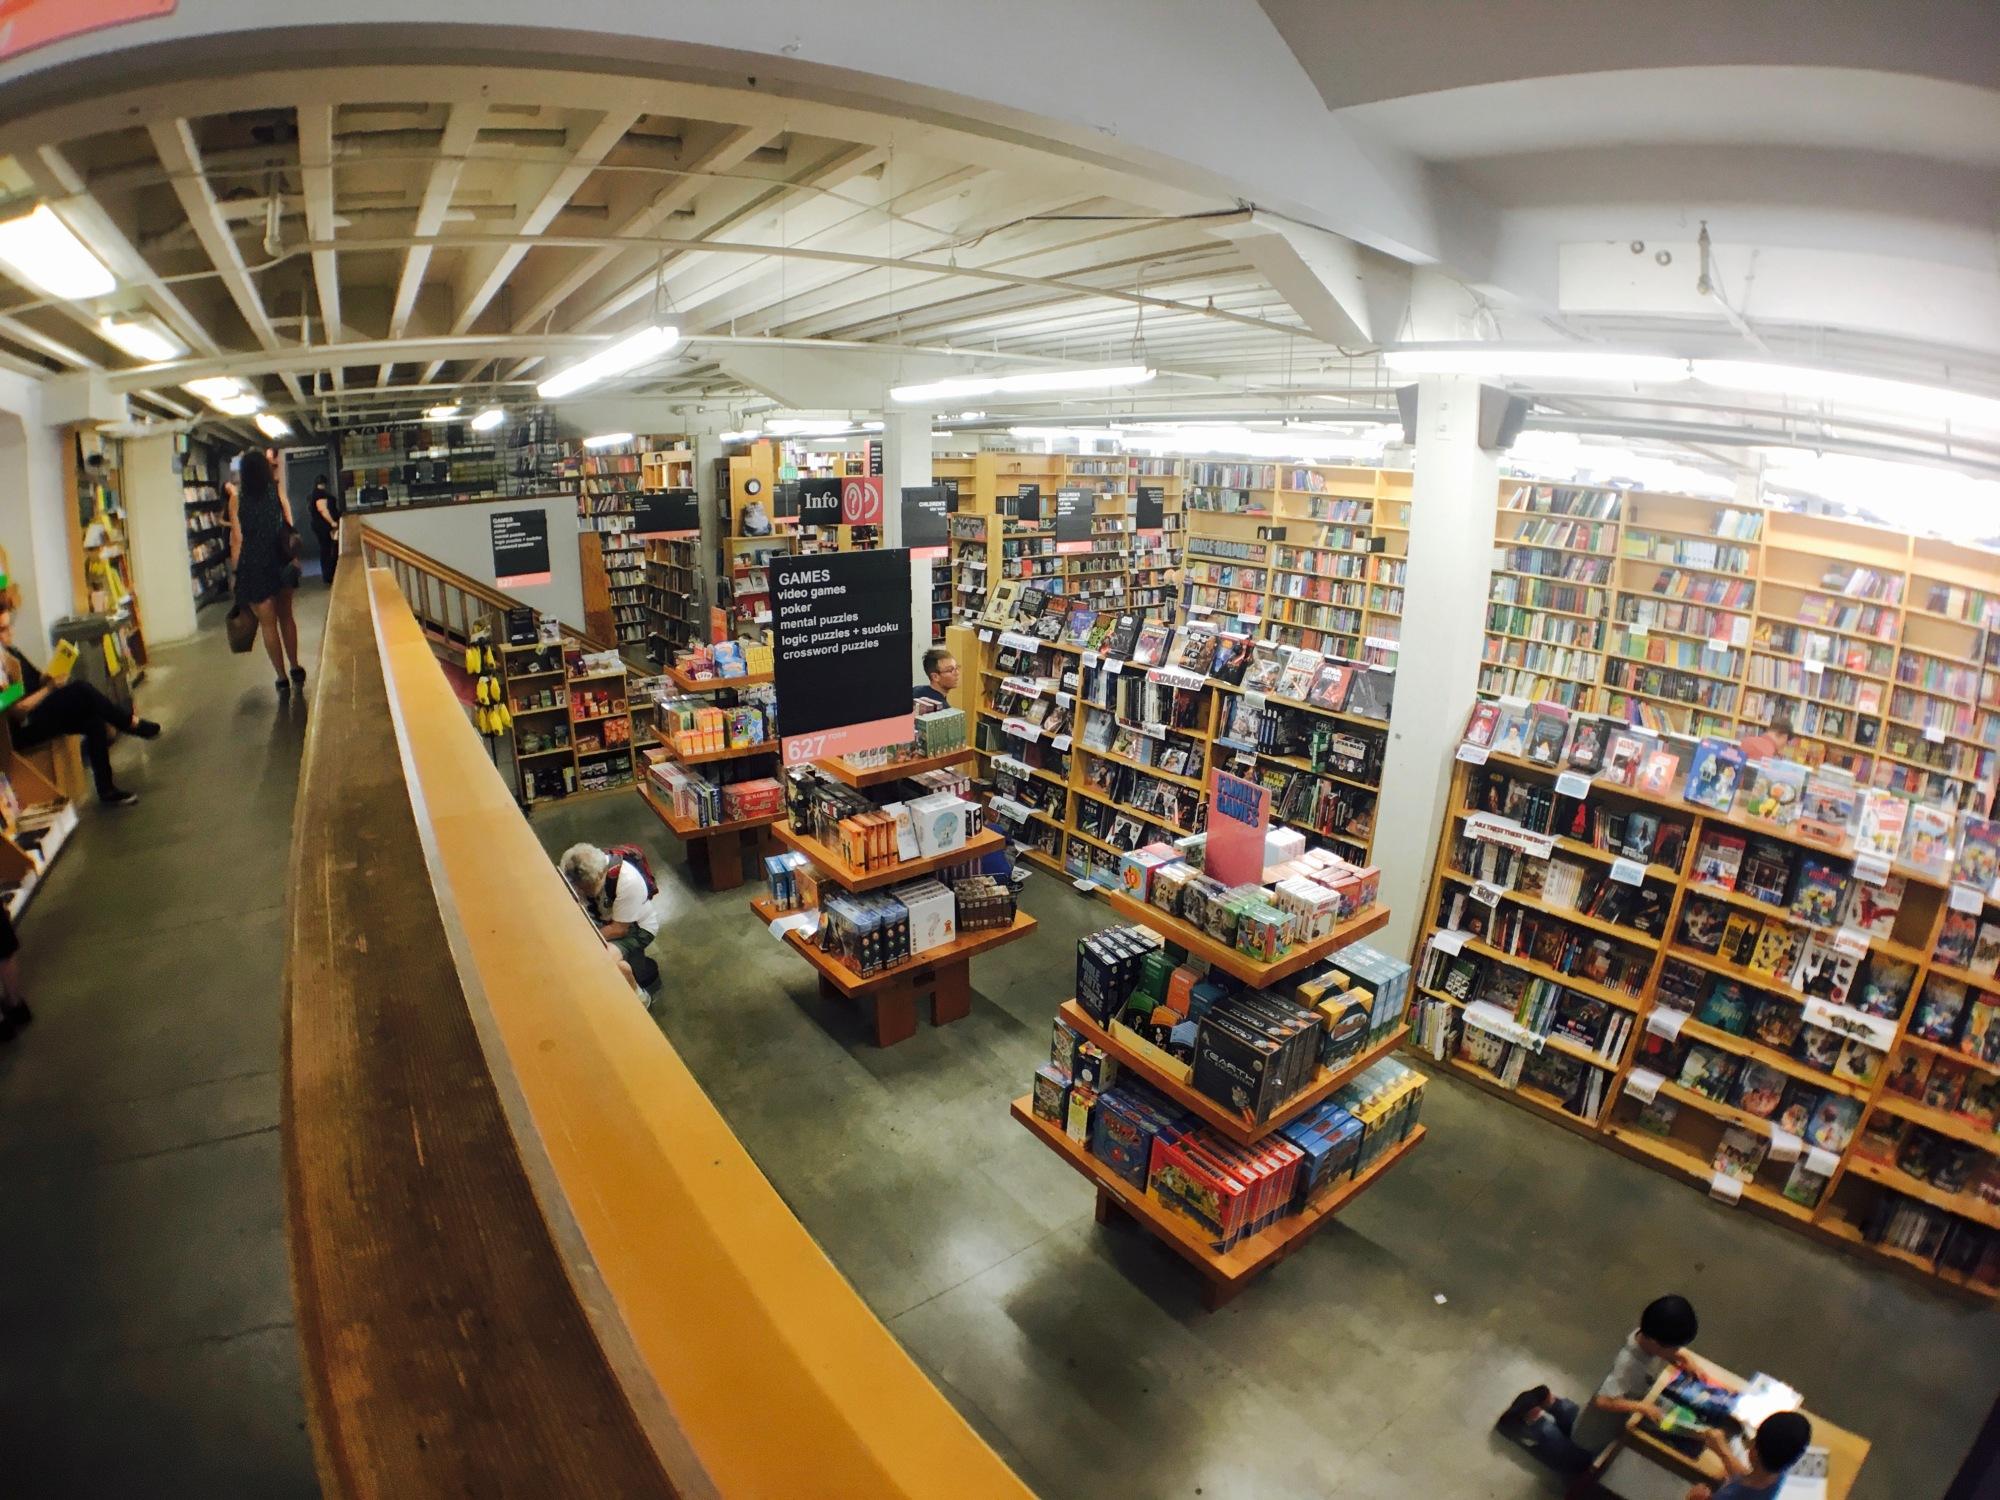 ポートランドのパウエルズ ブックスで絵本の買い物